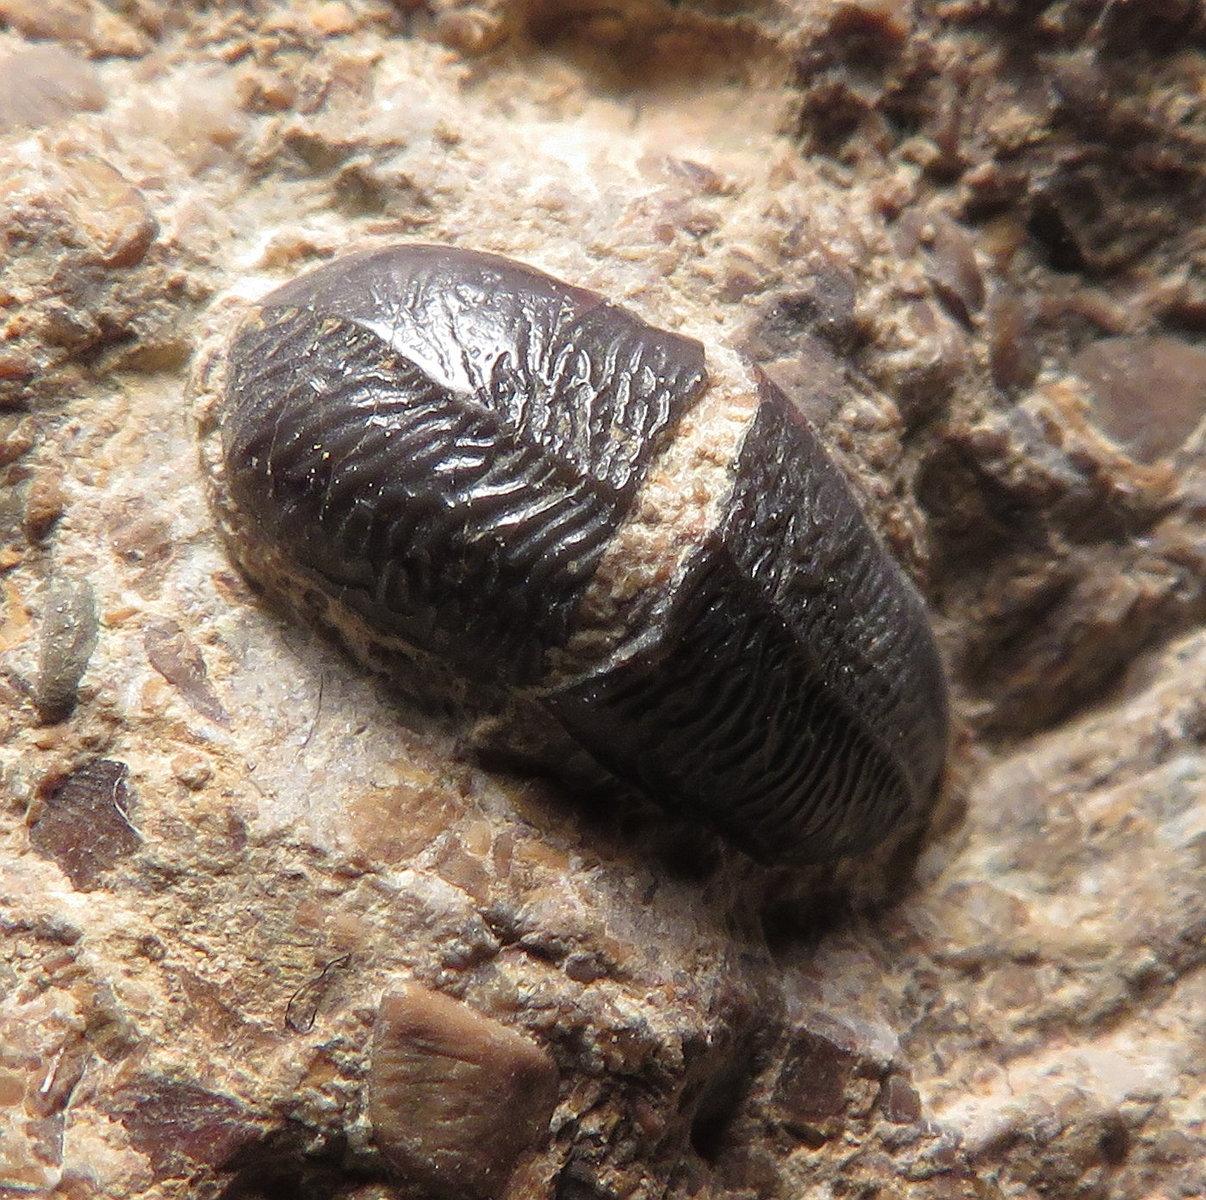 Acrodus tooth